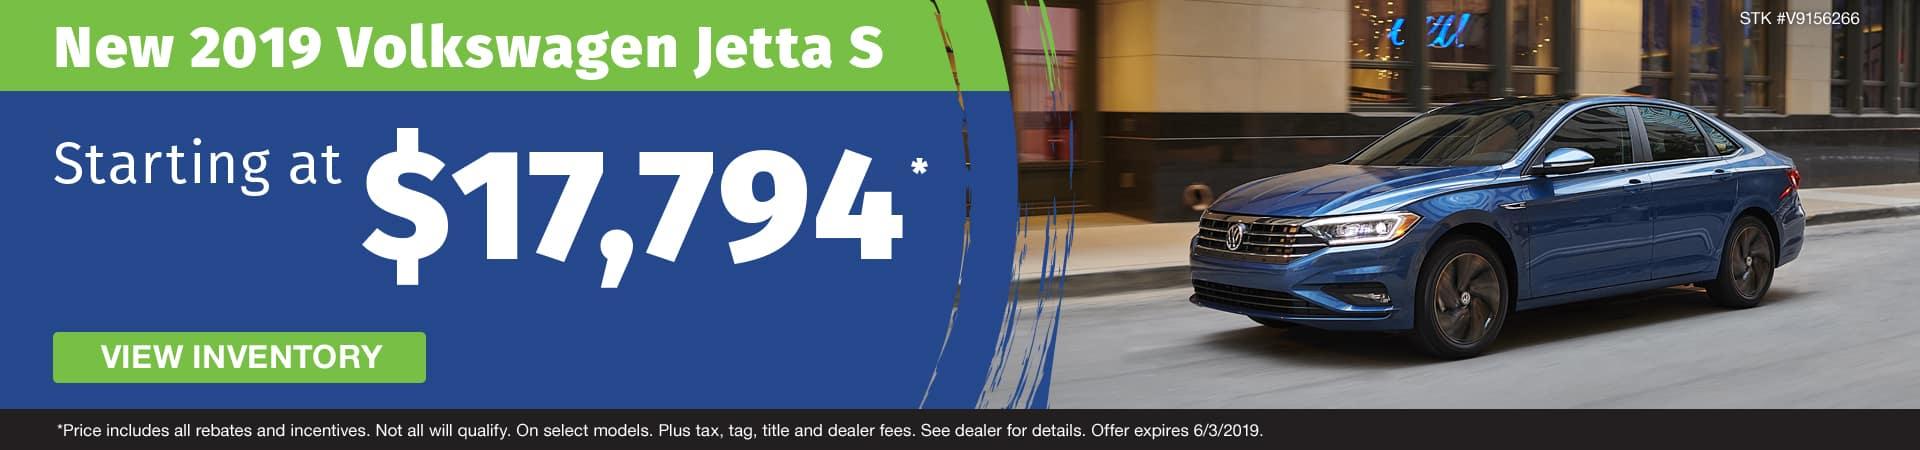 Get a new 2019 VW Jetta S starting at $17,794 in Murfreesboro TN